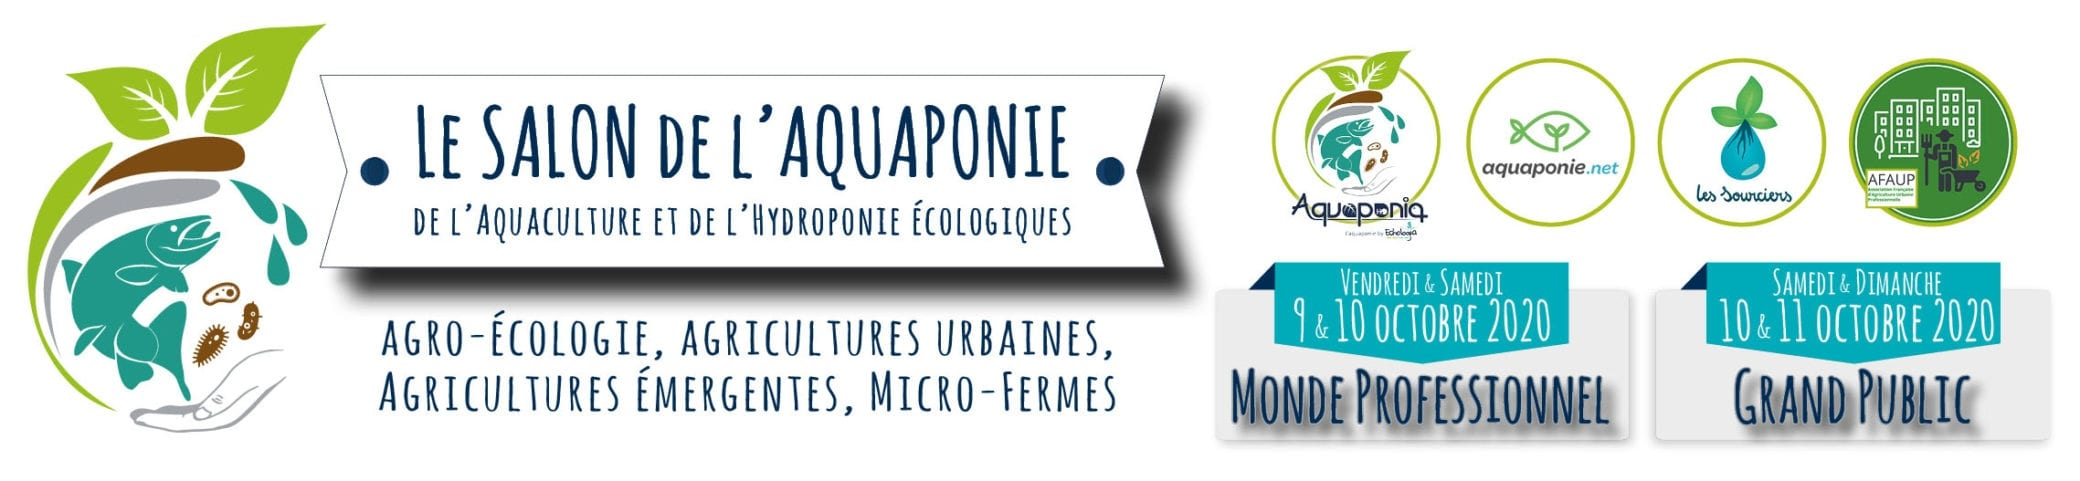 Salon de l'aquaponie 9 au 11 octobre 2020